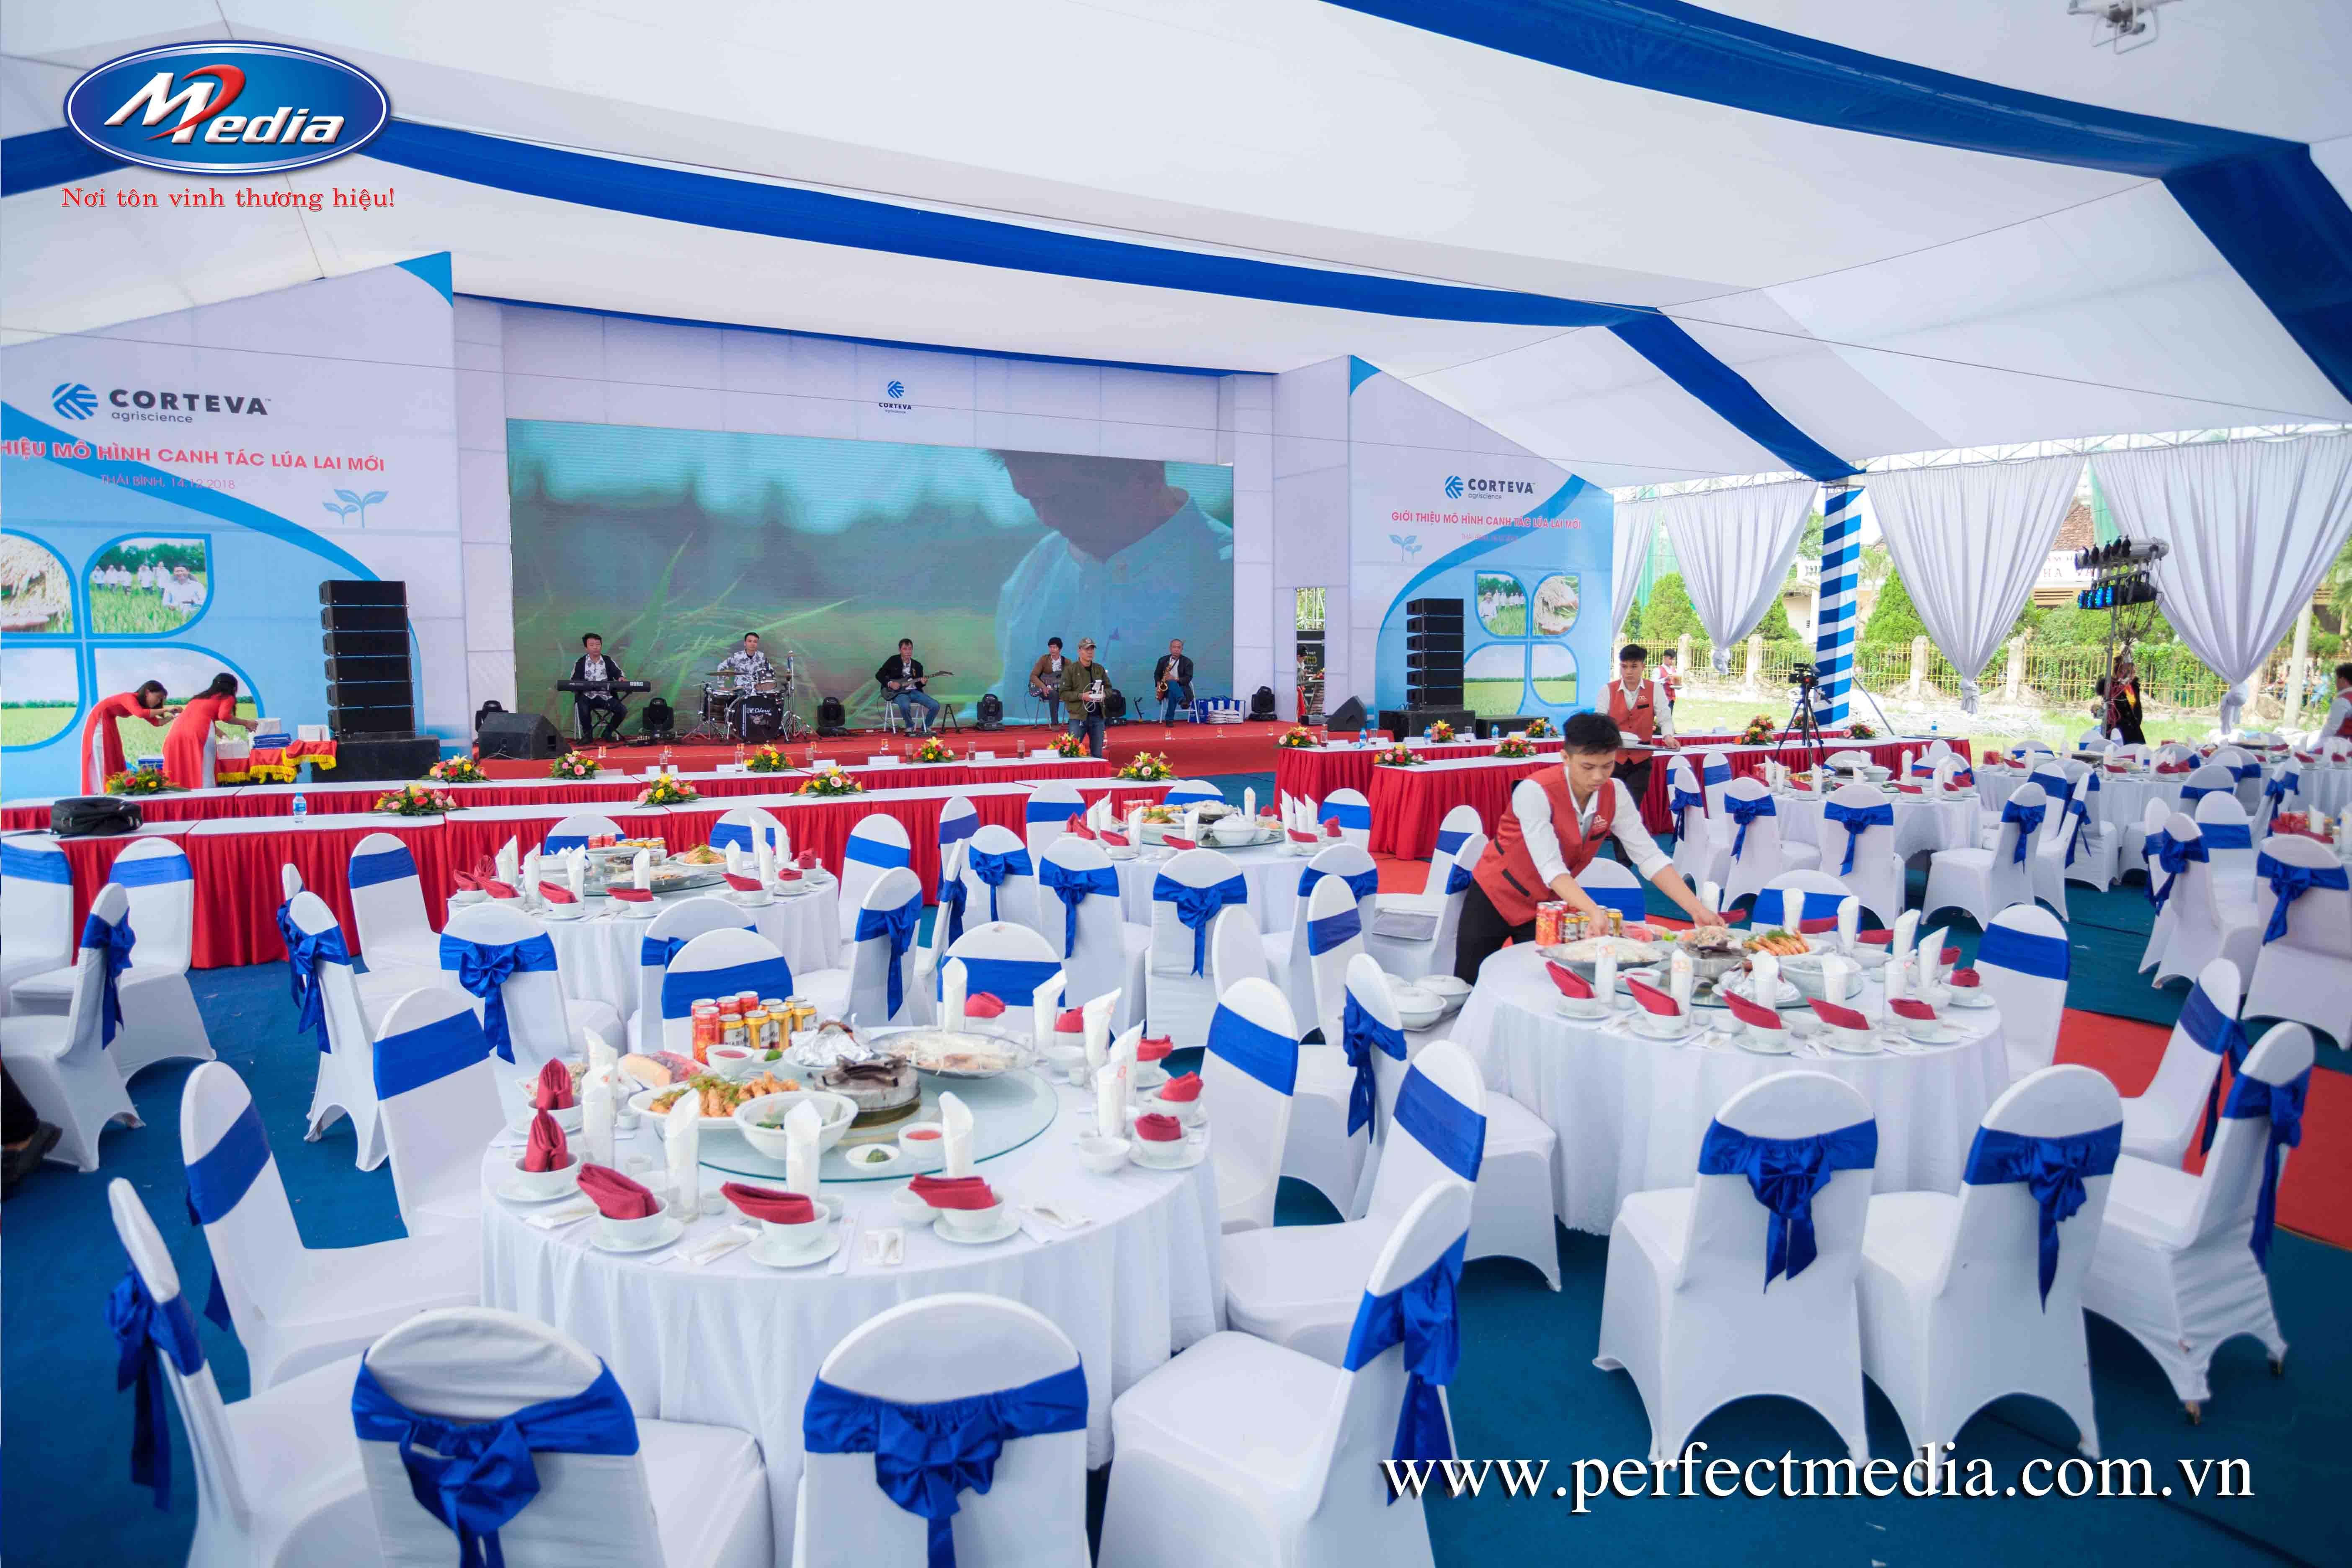 Tại sao Quý khách nên sử dụng hệ thống nhà bạt, bàn ghế tổ chức sự kiện chuyên nghiệp của Perfect Media cho thuê tại Thái Bình